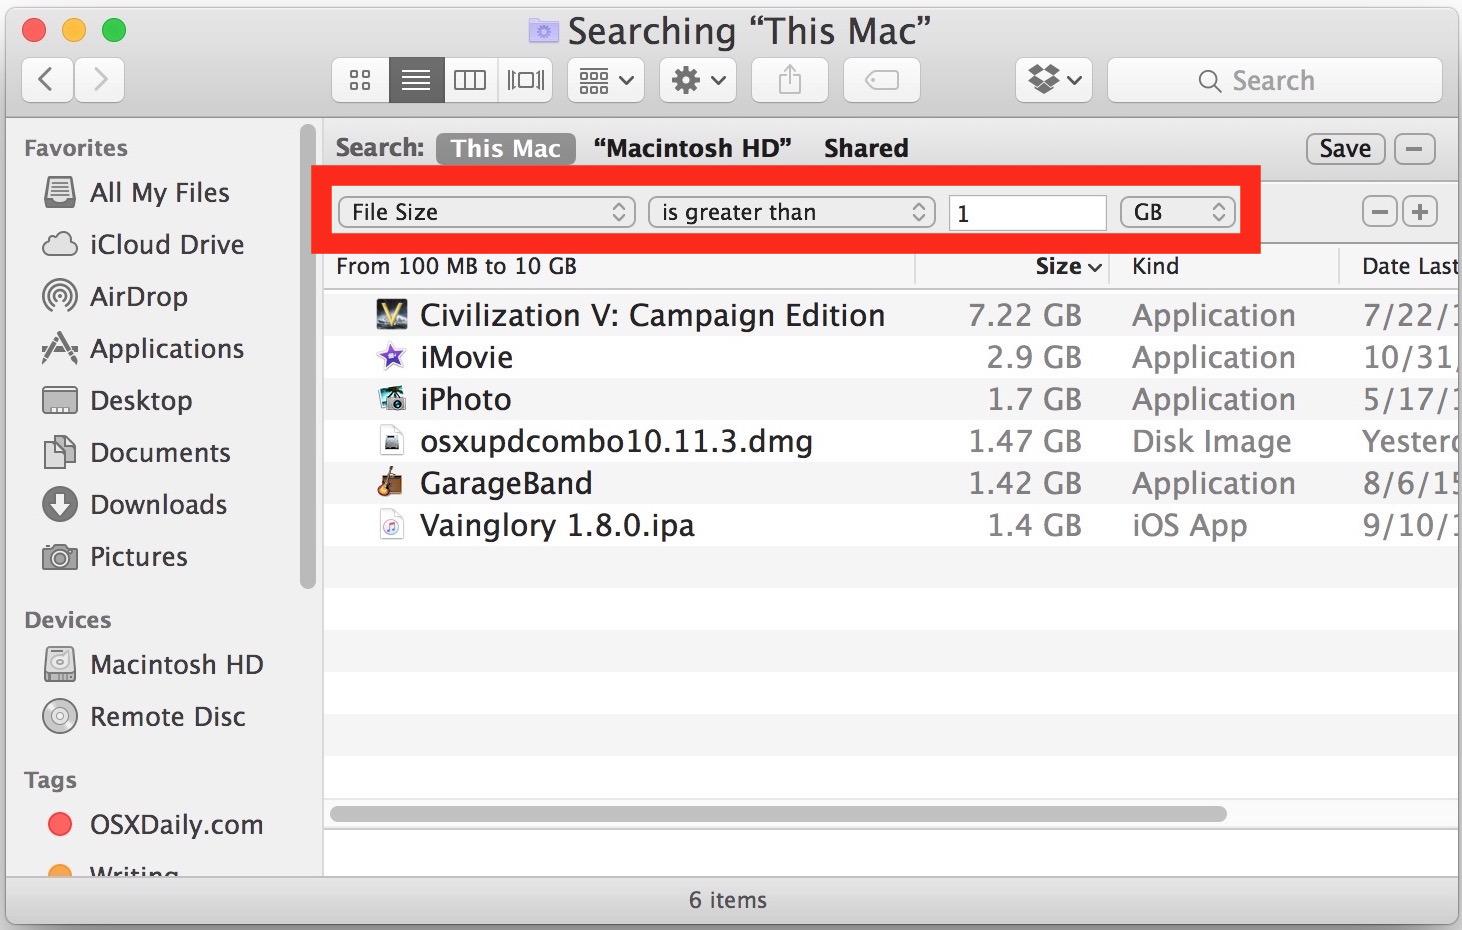 La ricerca di file di dimensioni file di grandi dimensioni nella ricerca di Mac OS X può aiutare a eliminare il disco di avvio che è pieno